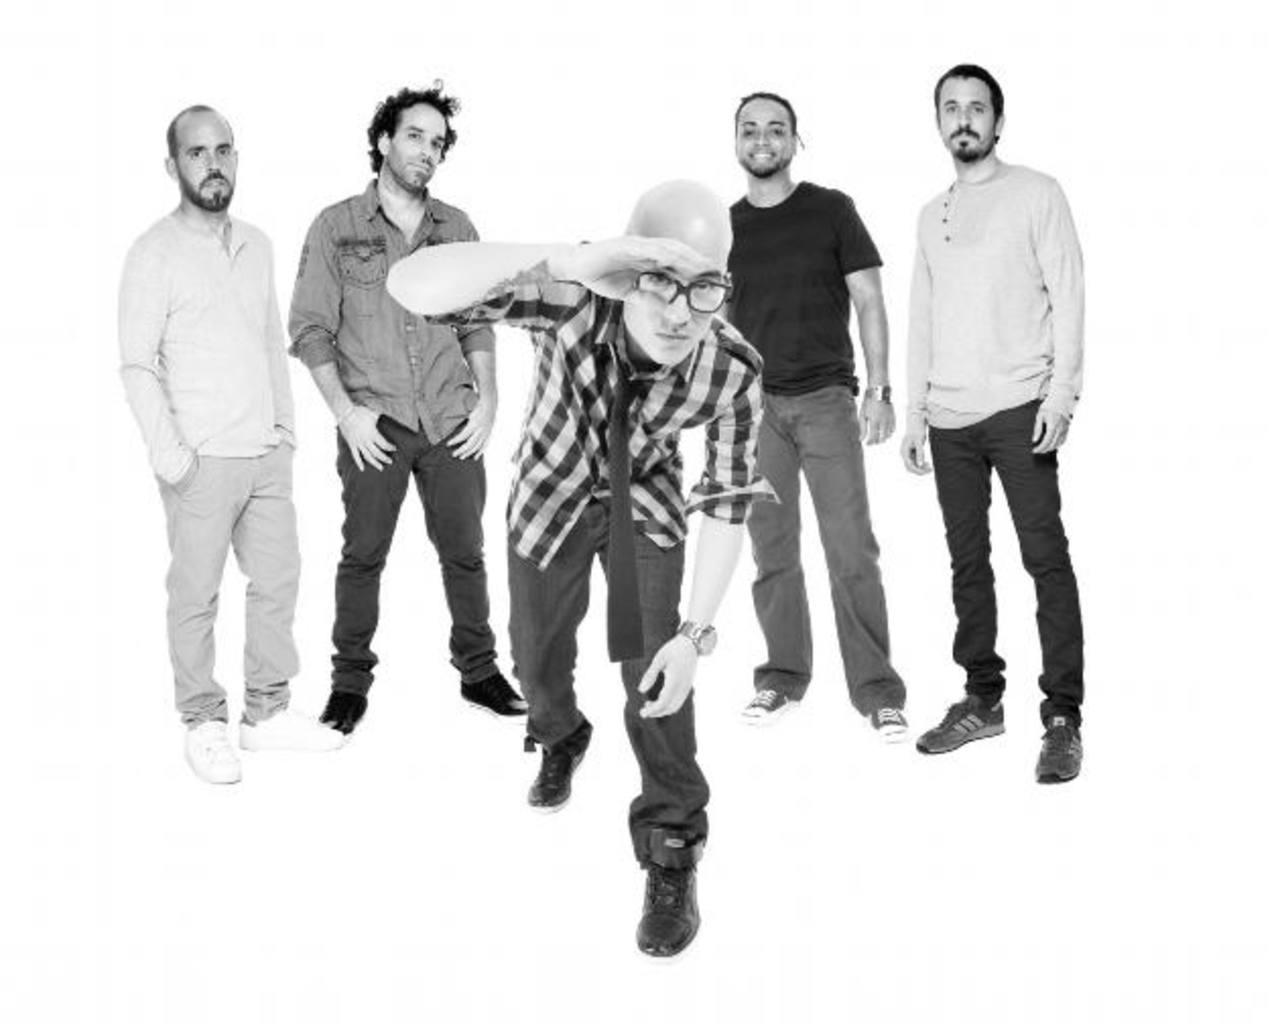 La banda boricua estará en el Cifco a finales de agosto.